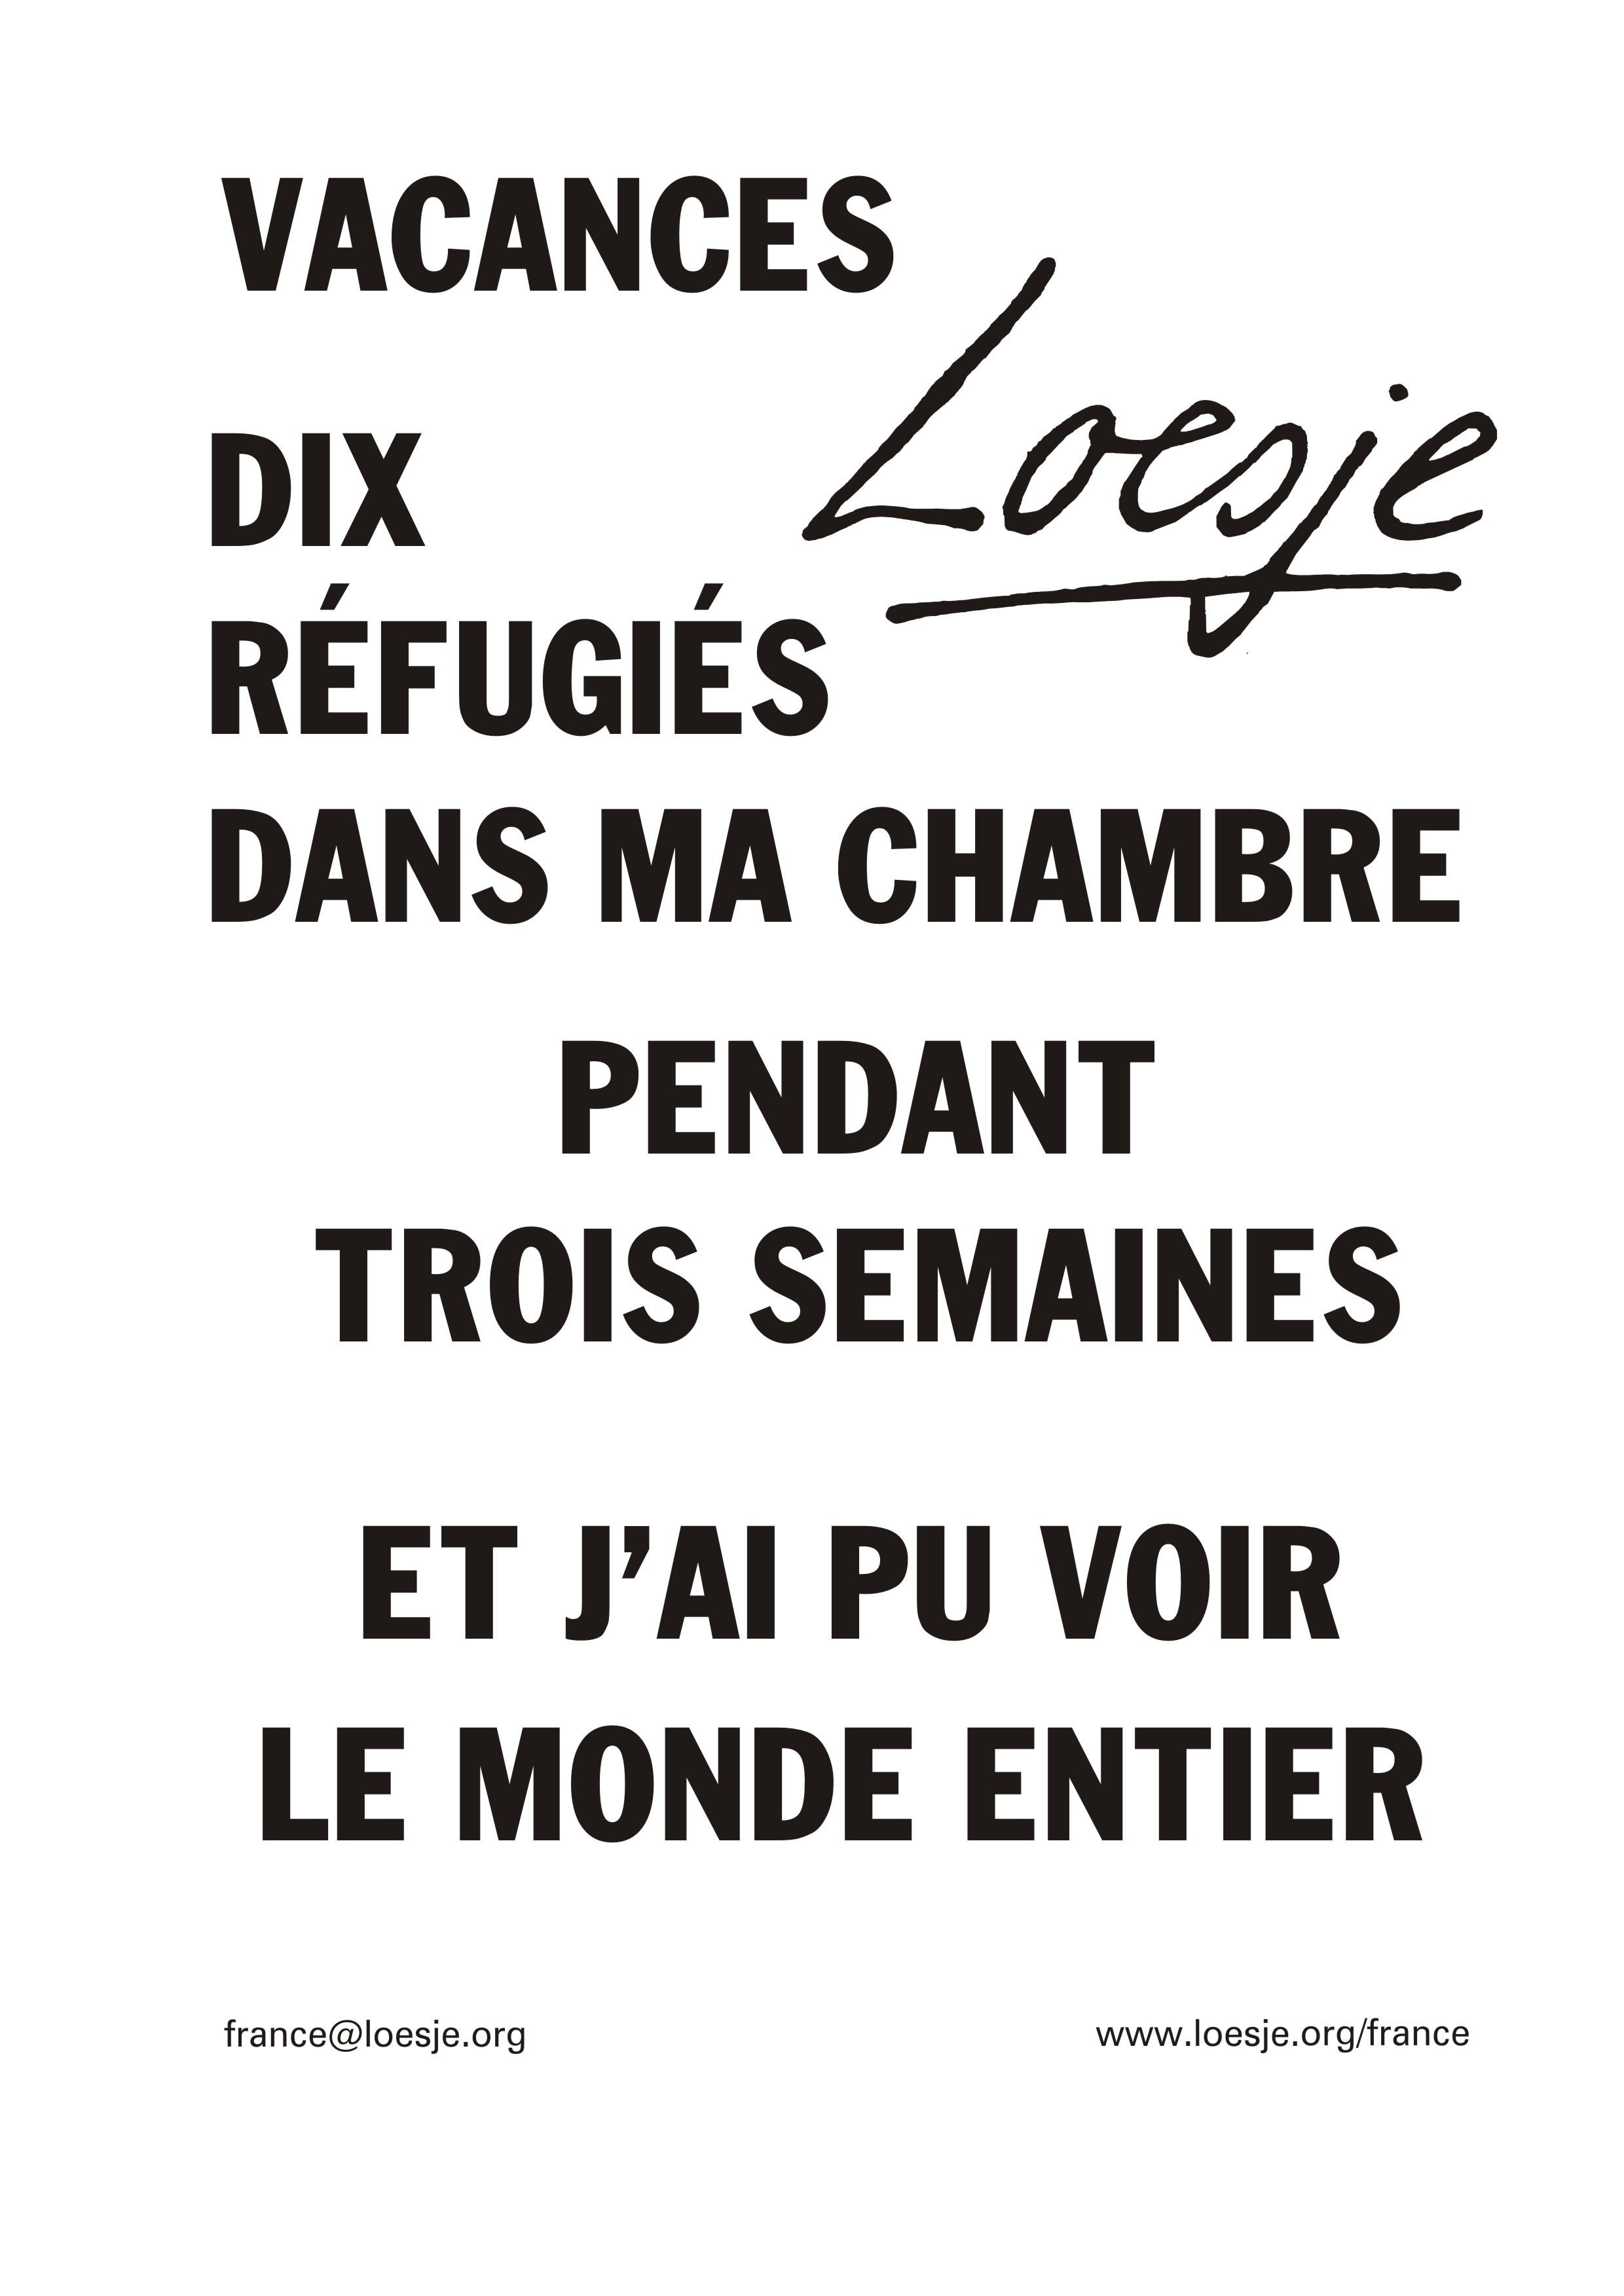 15 Vacances Dix réfugiés dans ma chambre pendant trois semaines et j'ai pu voir le monde entier